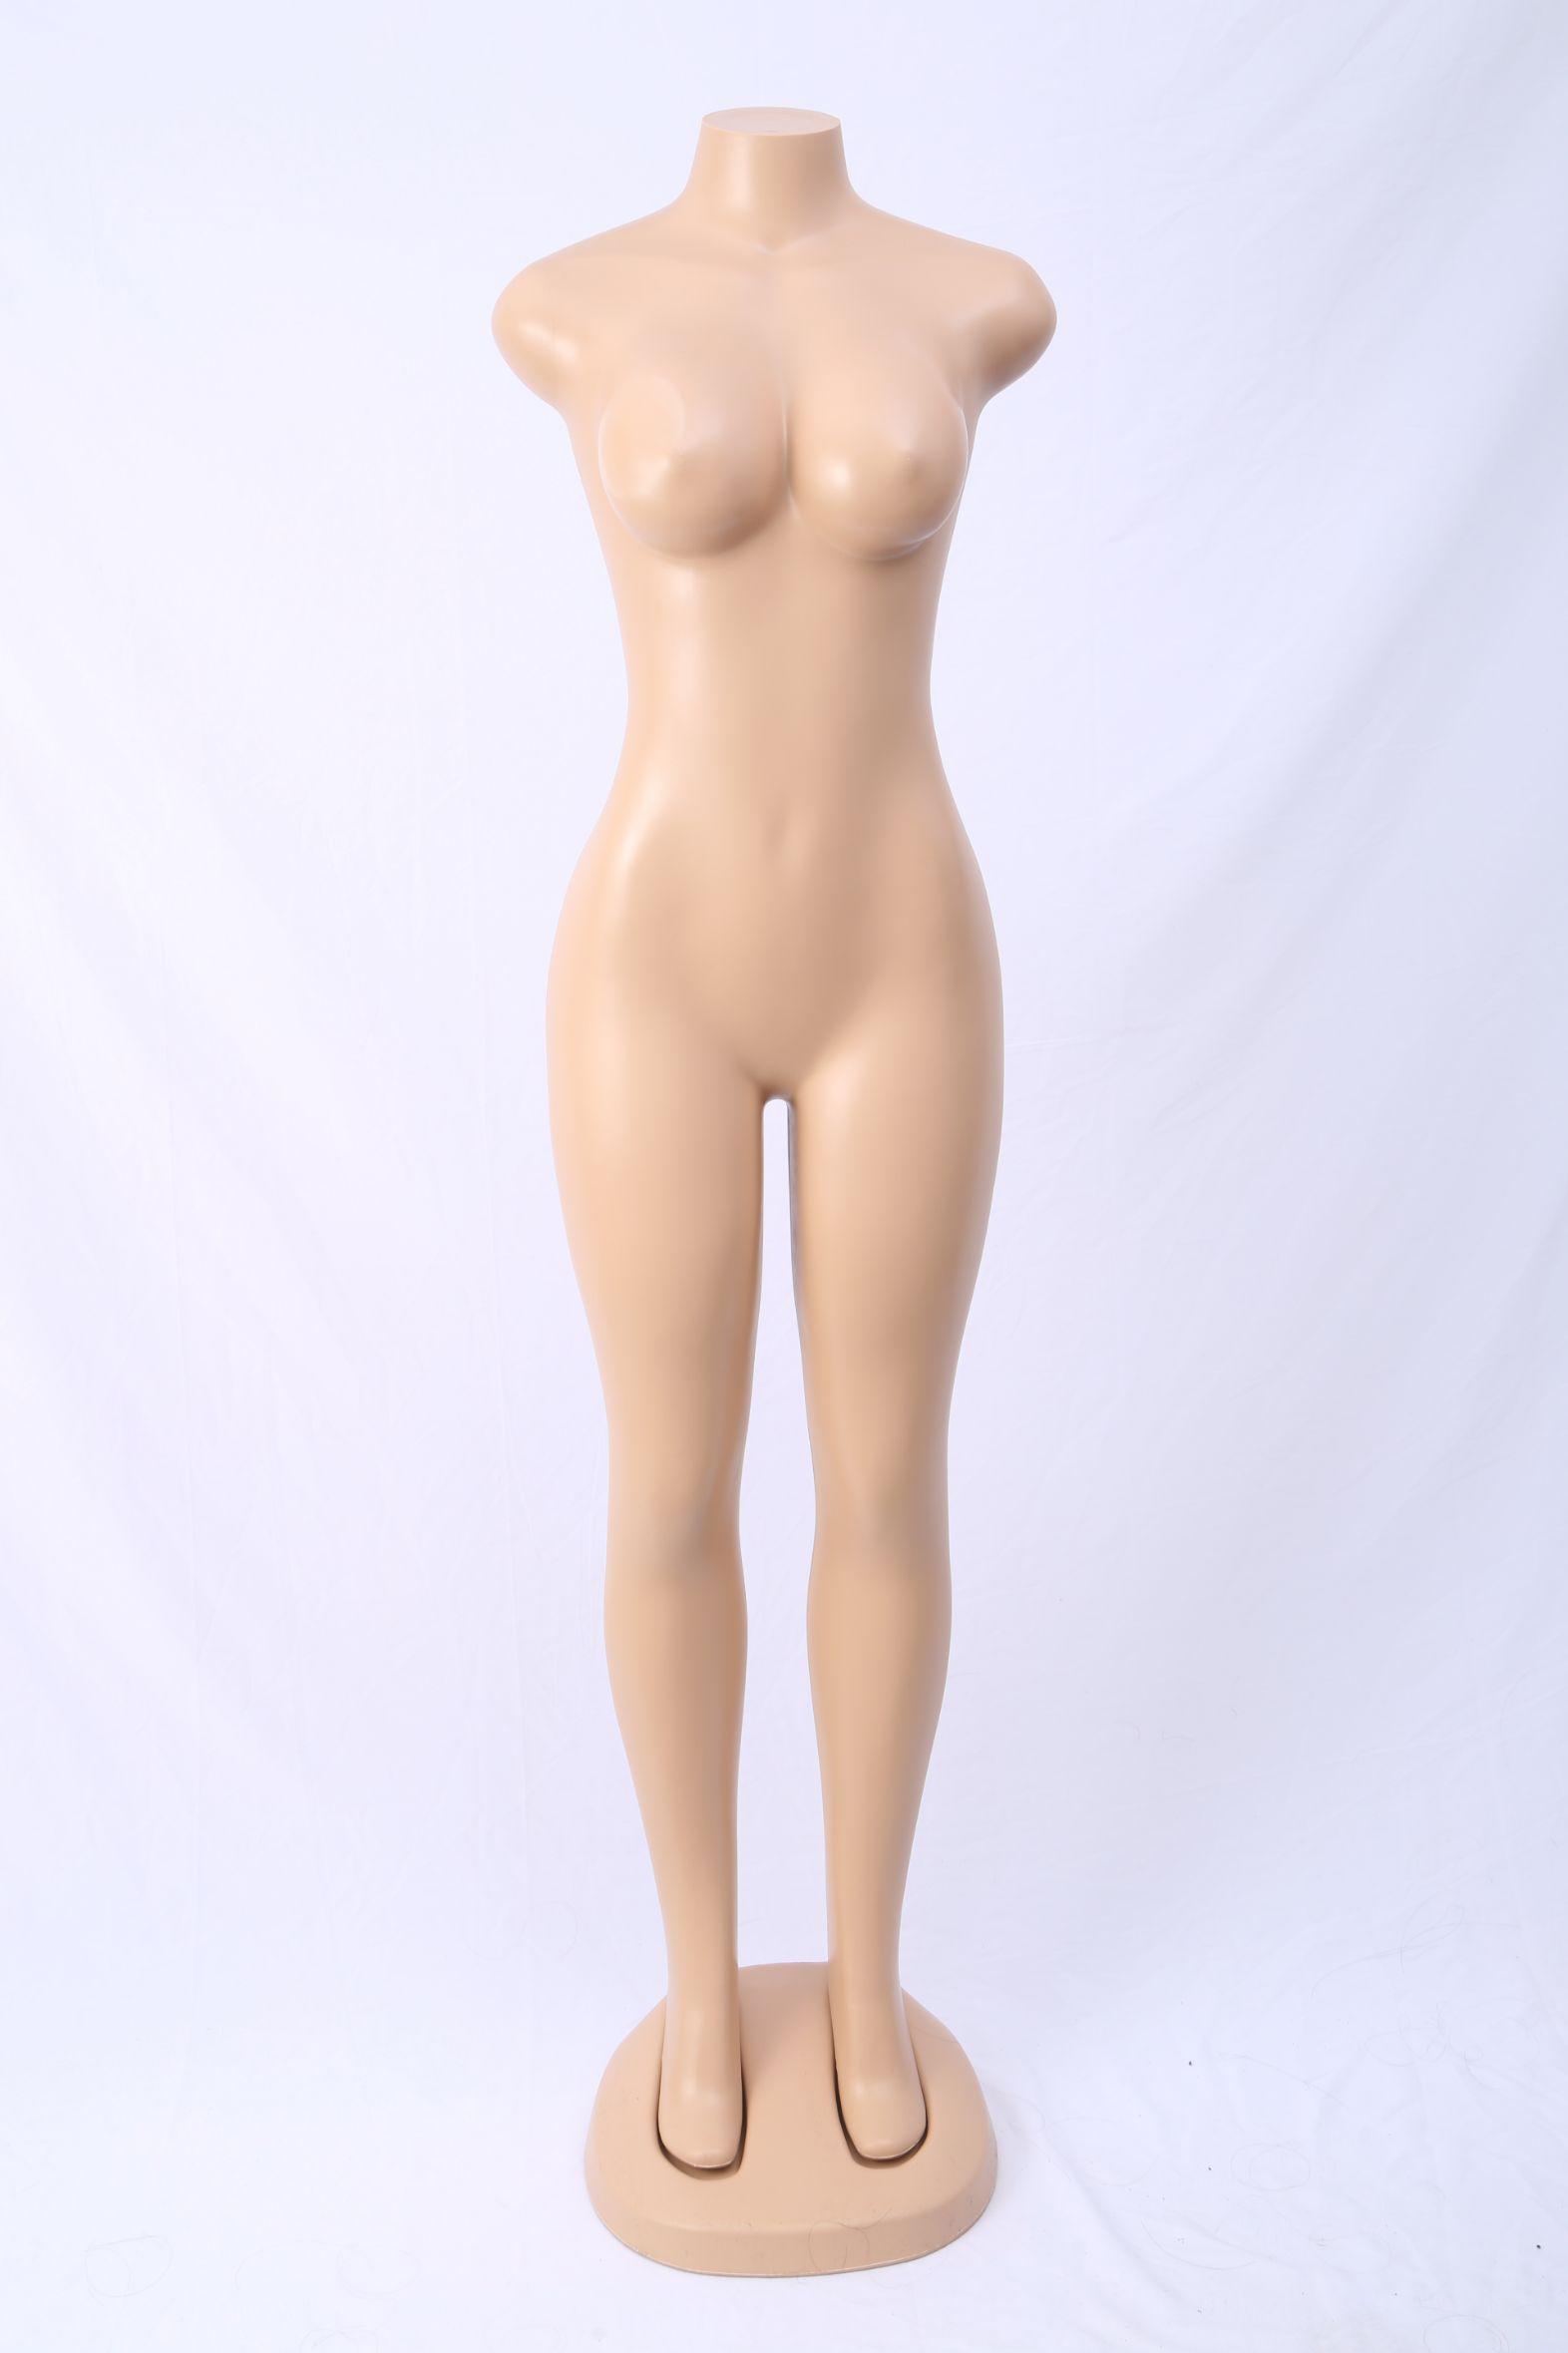 服装道具假人体女全身无头无手抽象女站模橱窗女模特厂家直销